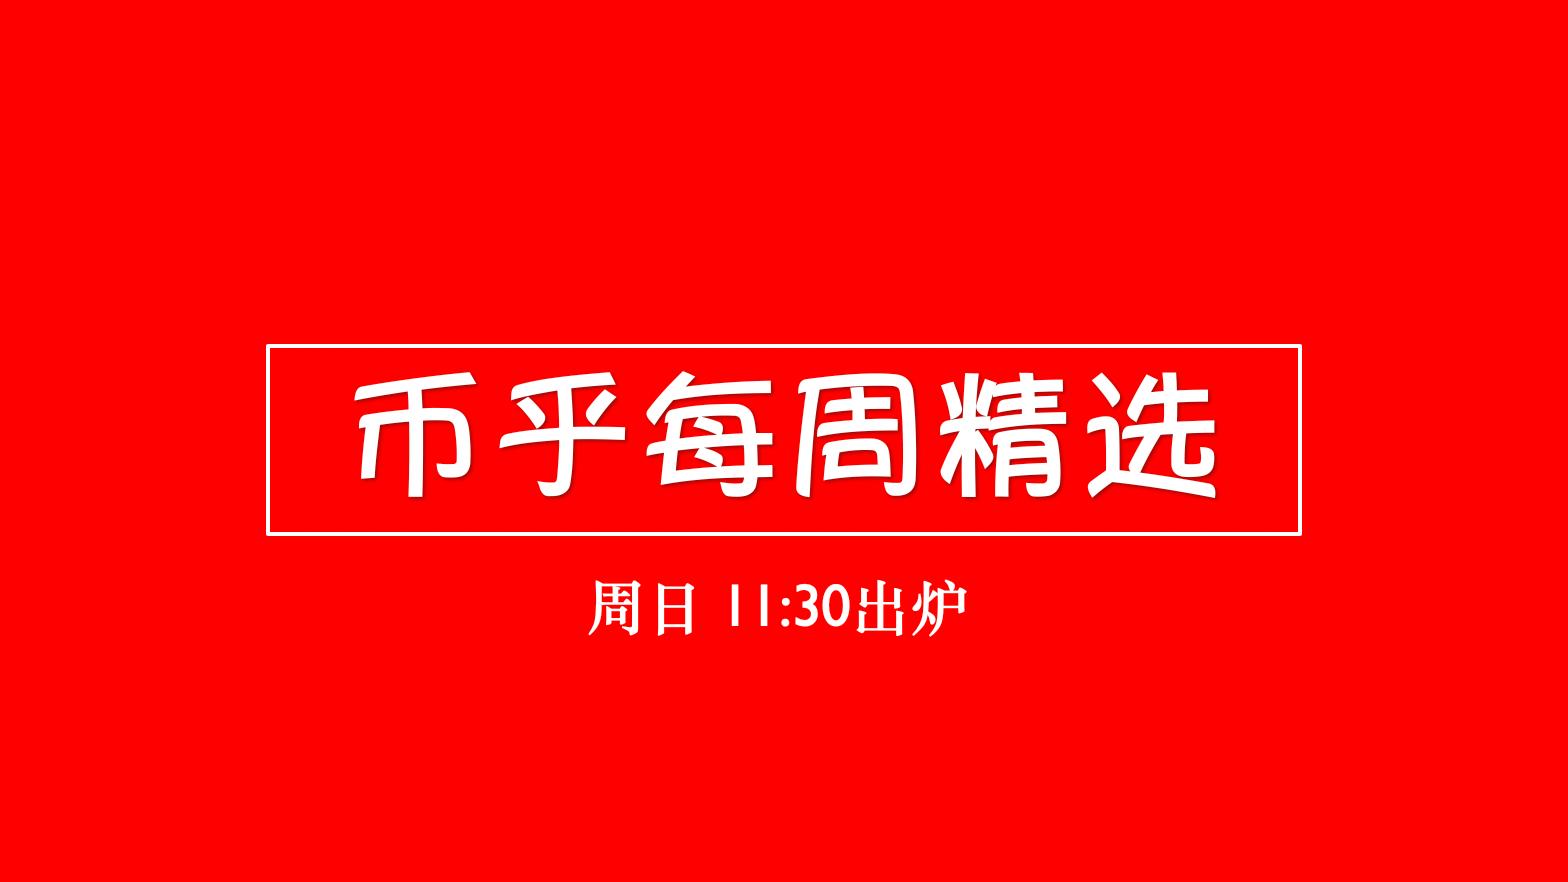 11:35更新红包  【币乎每周精选】20200712期